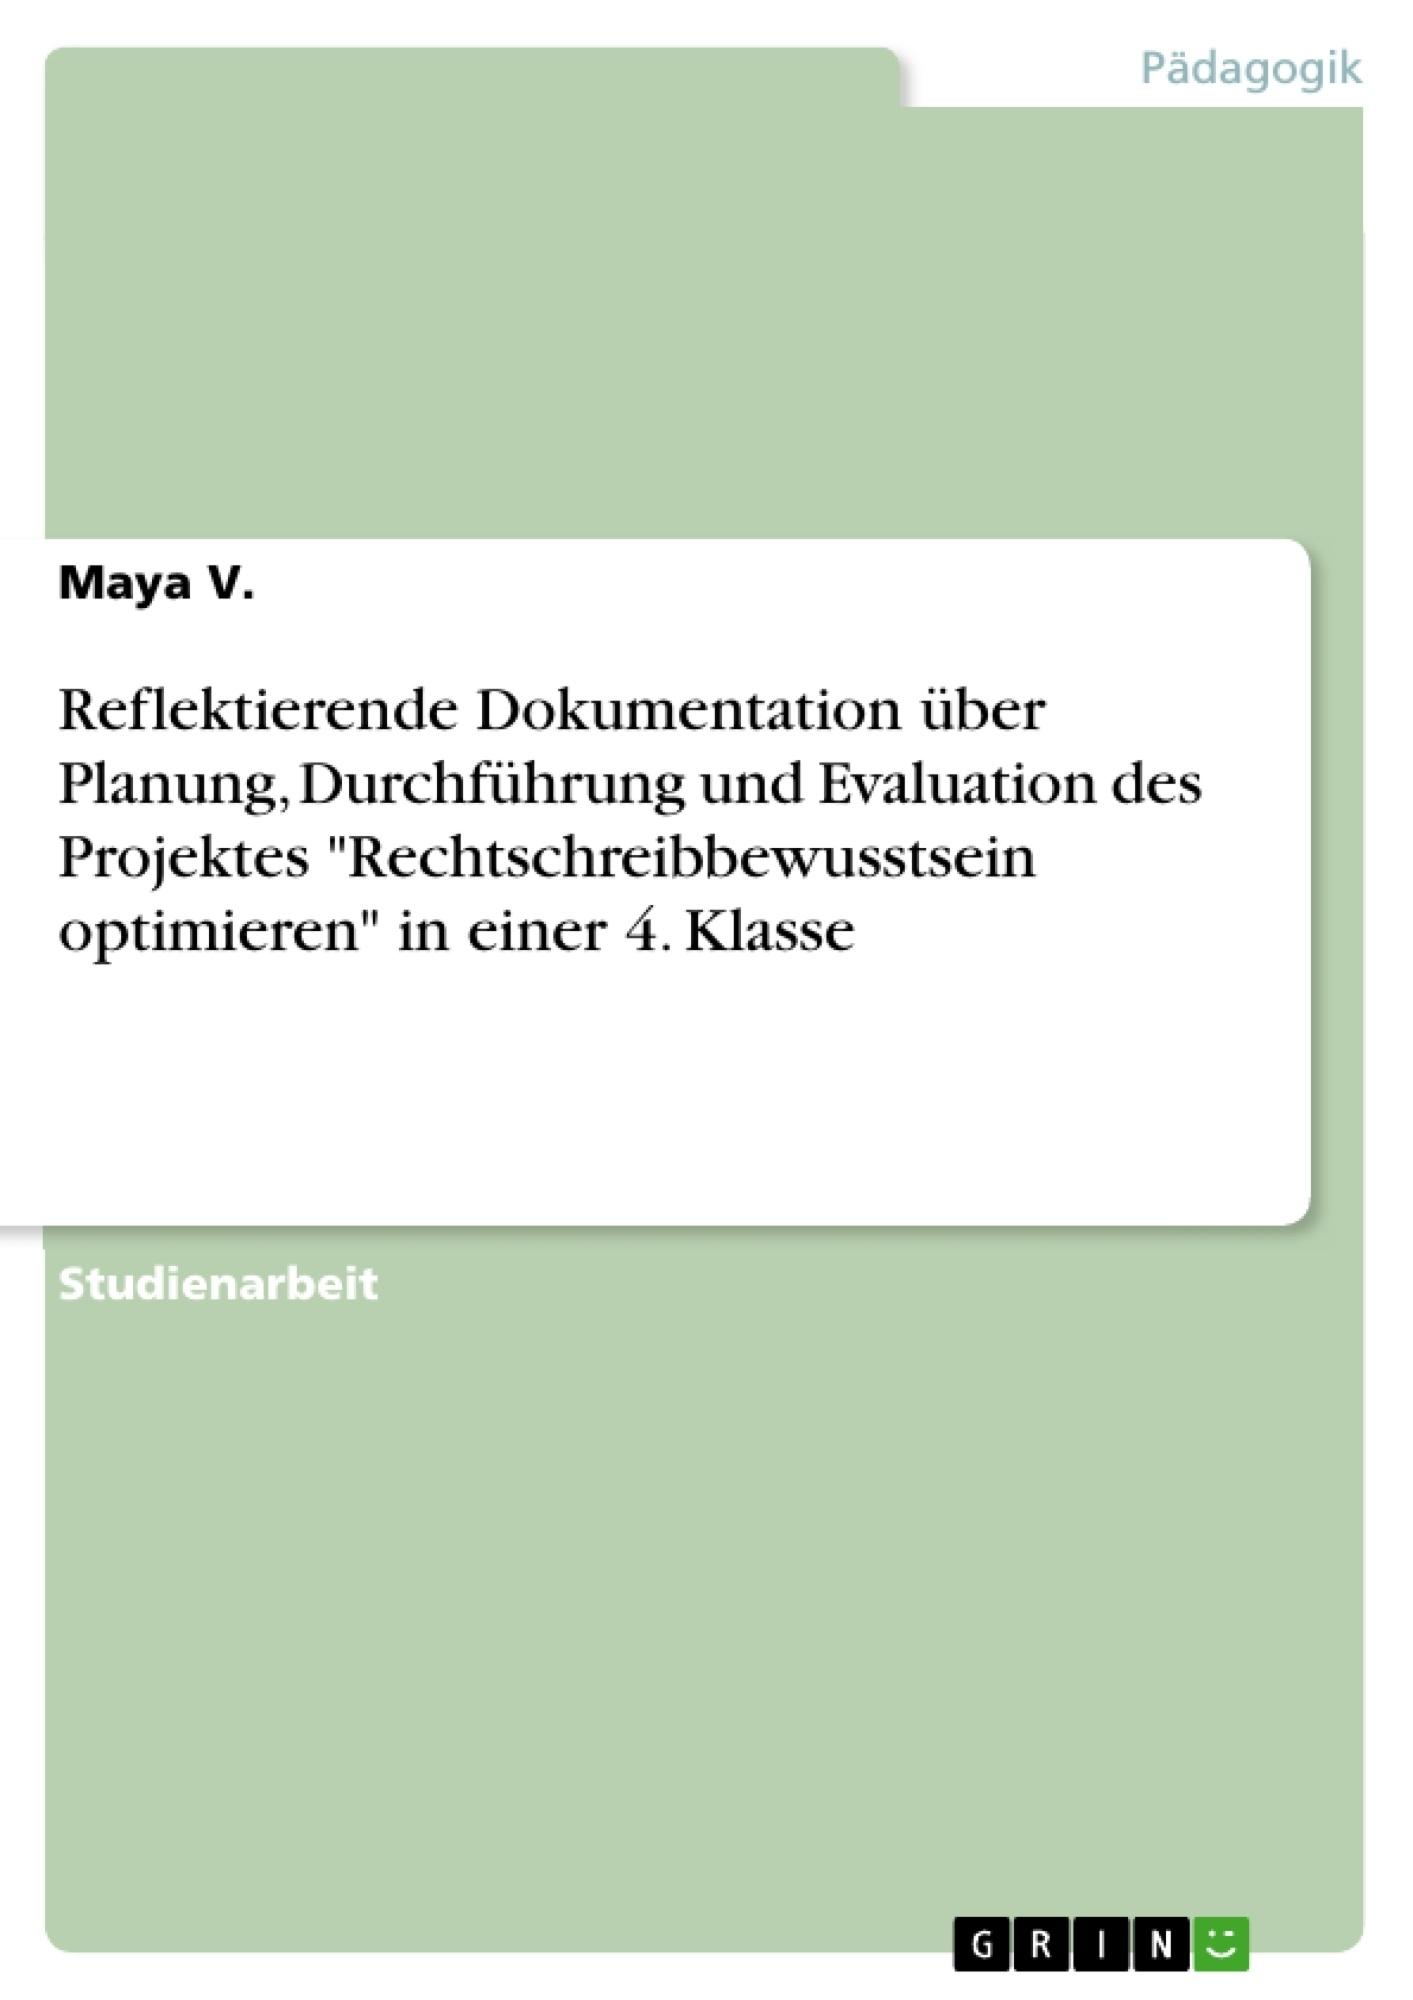 """Titel: Reflektierende Dokumentation über Planung, Durchführung und Evaluation des Projektes """"Rechtschreibbewusstsein optimieren"""" in einer 4. Klasse"""